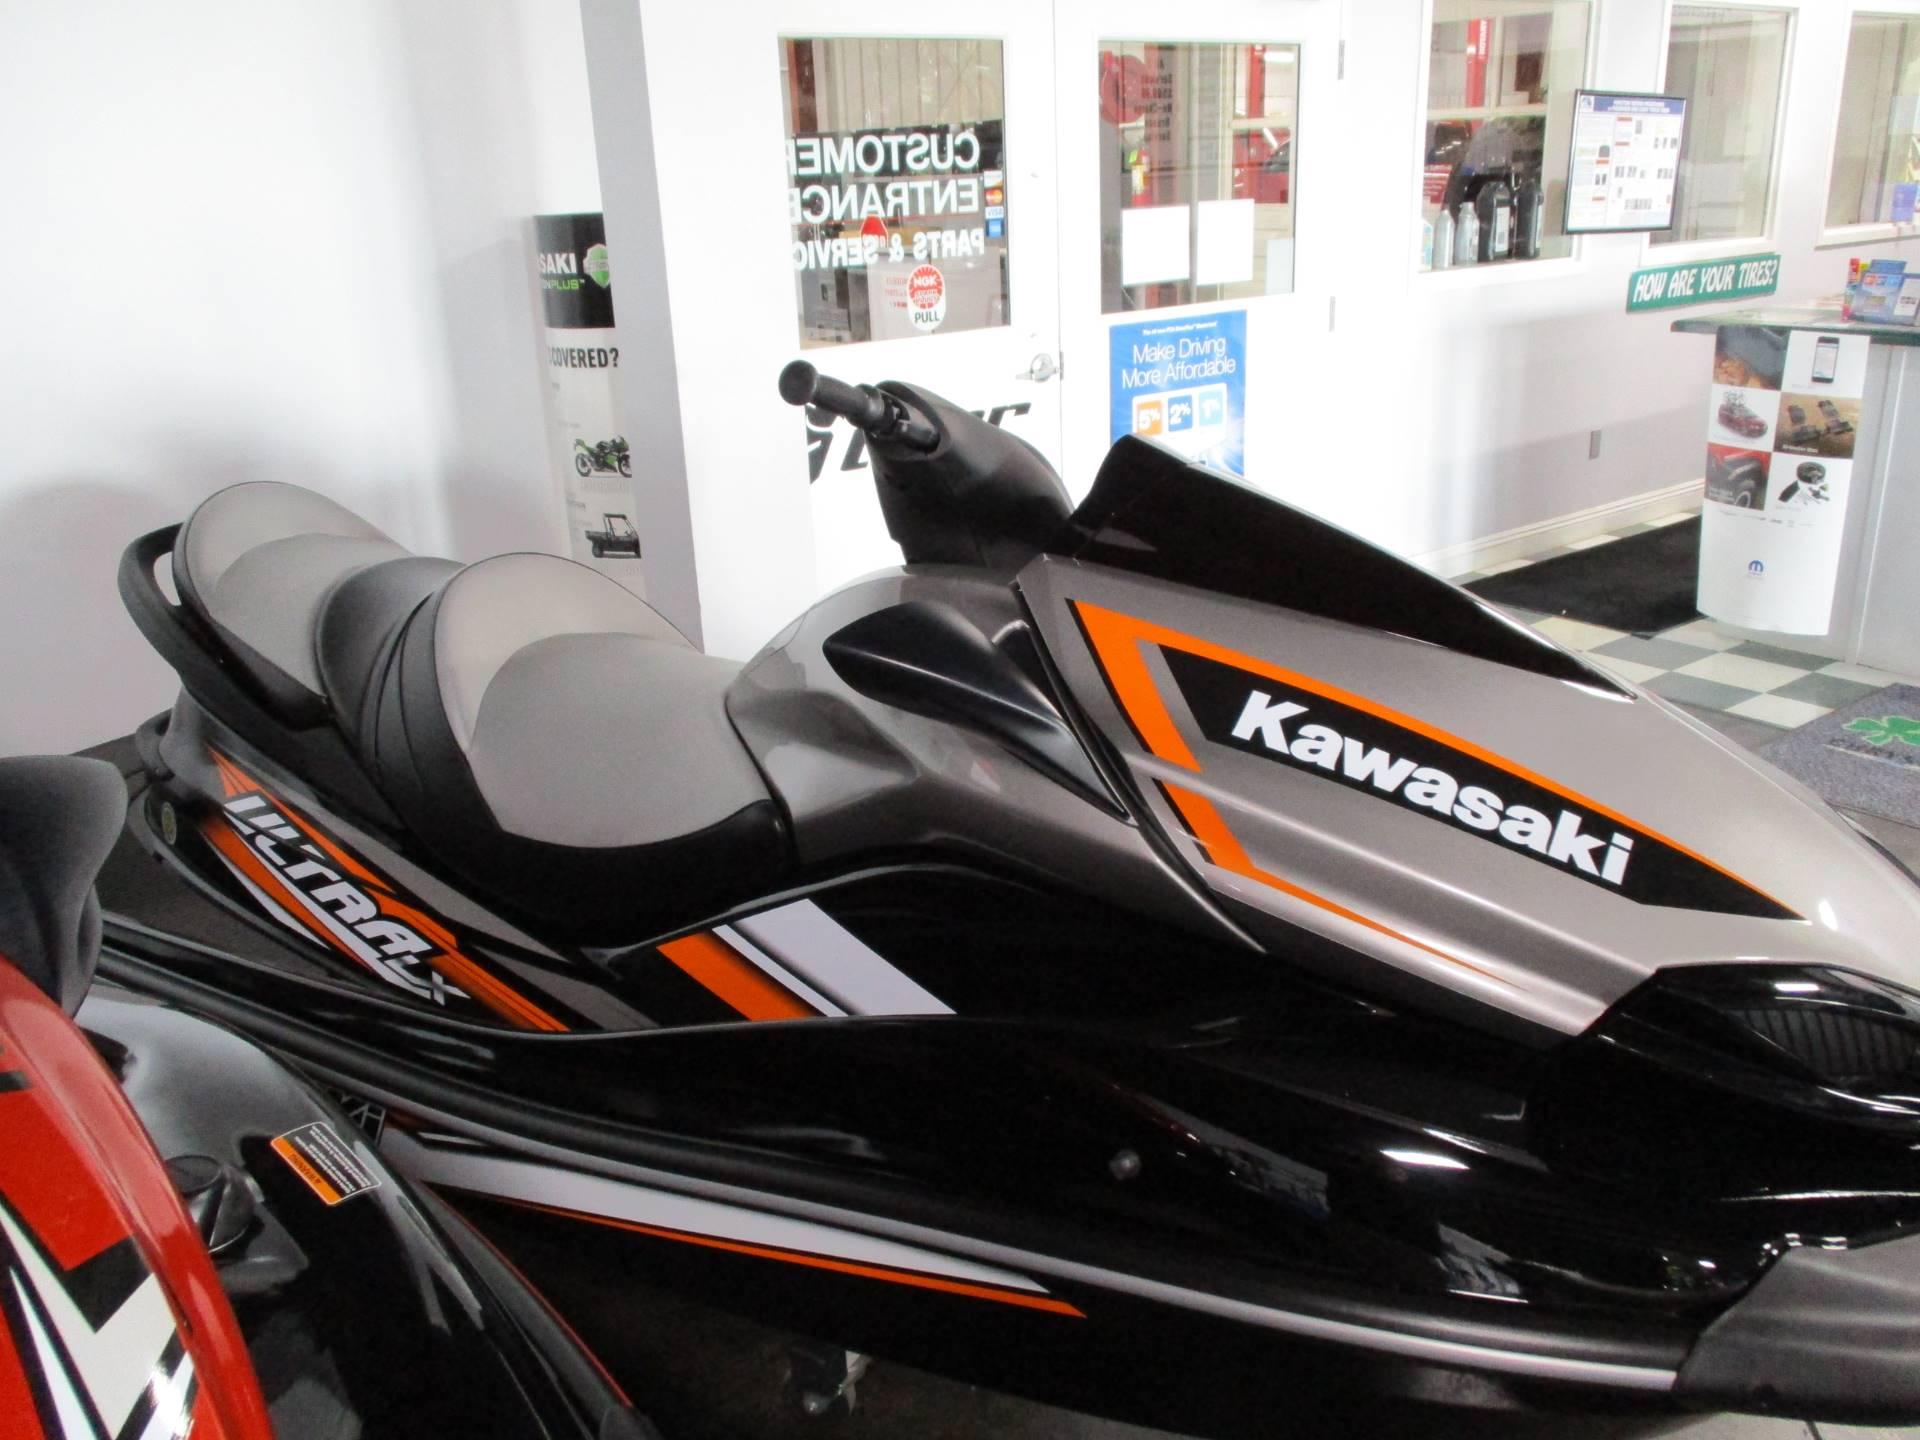 New 2018 Kawasaki ultra lx Watercraft McGinley Kawasaki located in ...